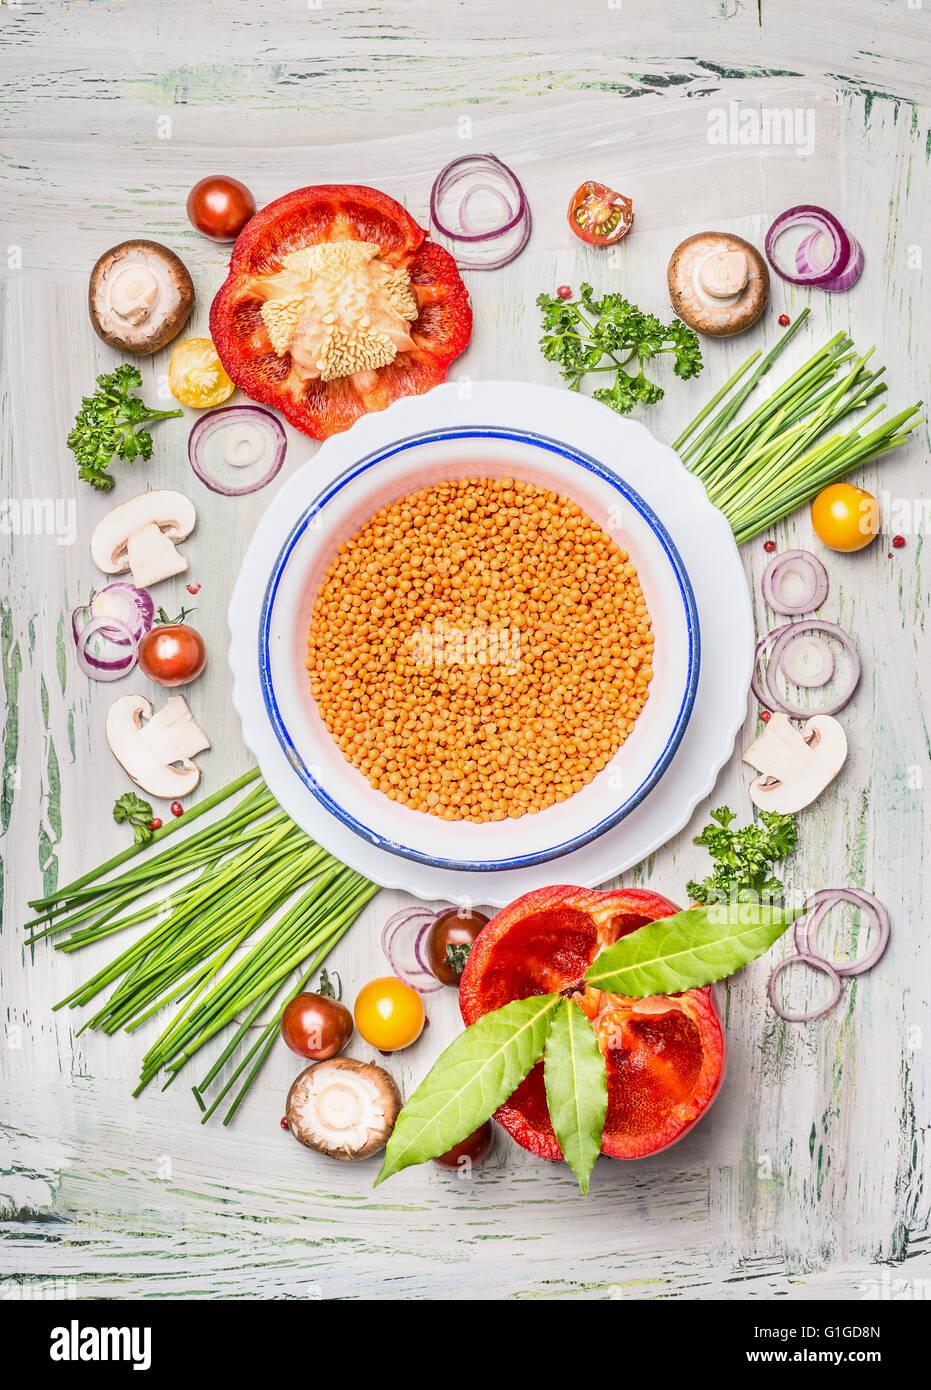 En un tazón de lentejas rojas y vegetales ingredientes para una sana cocina vegetariana, vista superior de Imagen De Stock